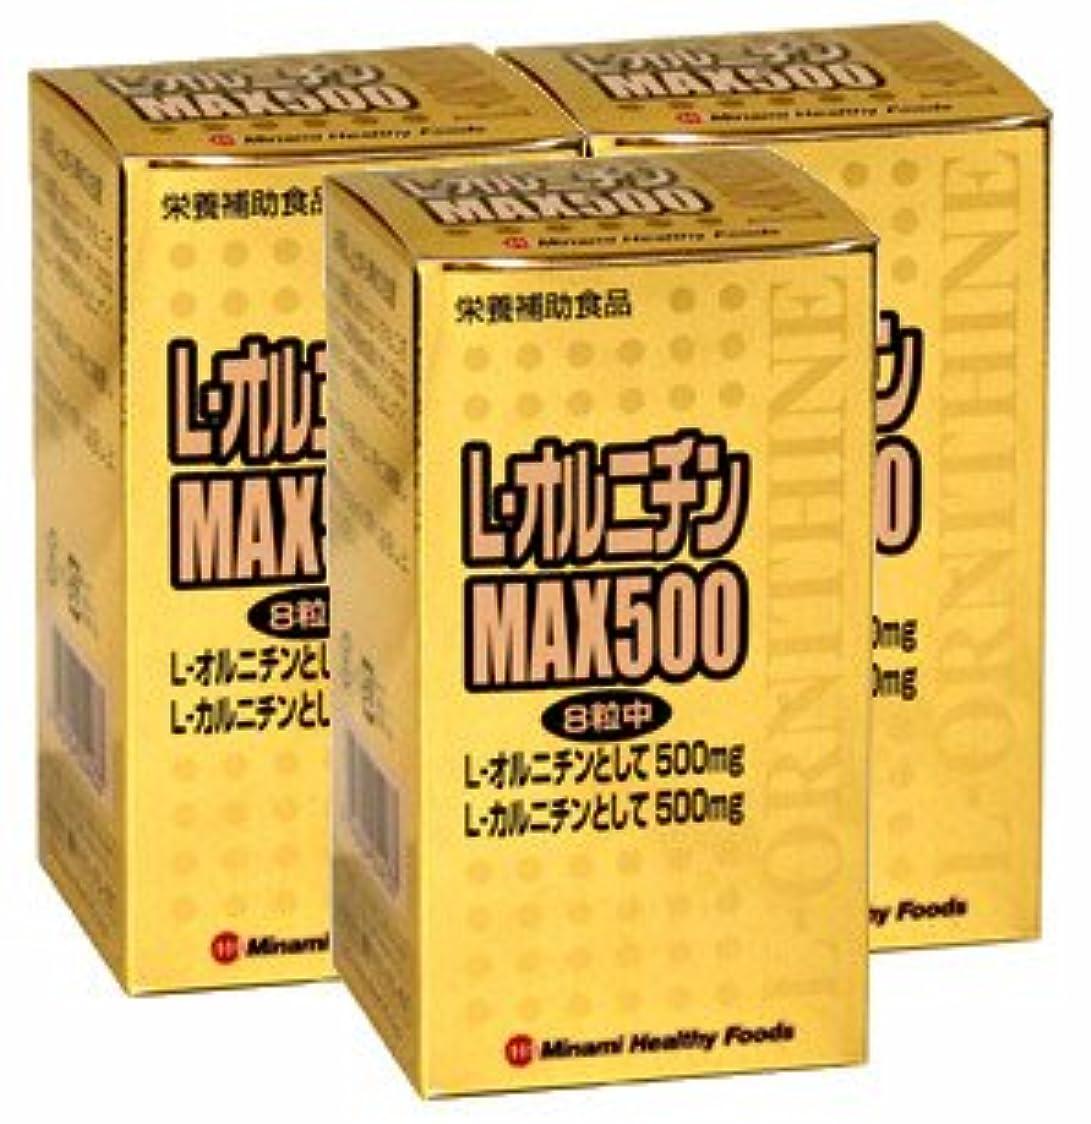 絞る塊健康的ミナミヘルシーフーズ L-オルニチンMAX500 240粒×3個 4945904014233*3